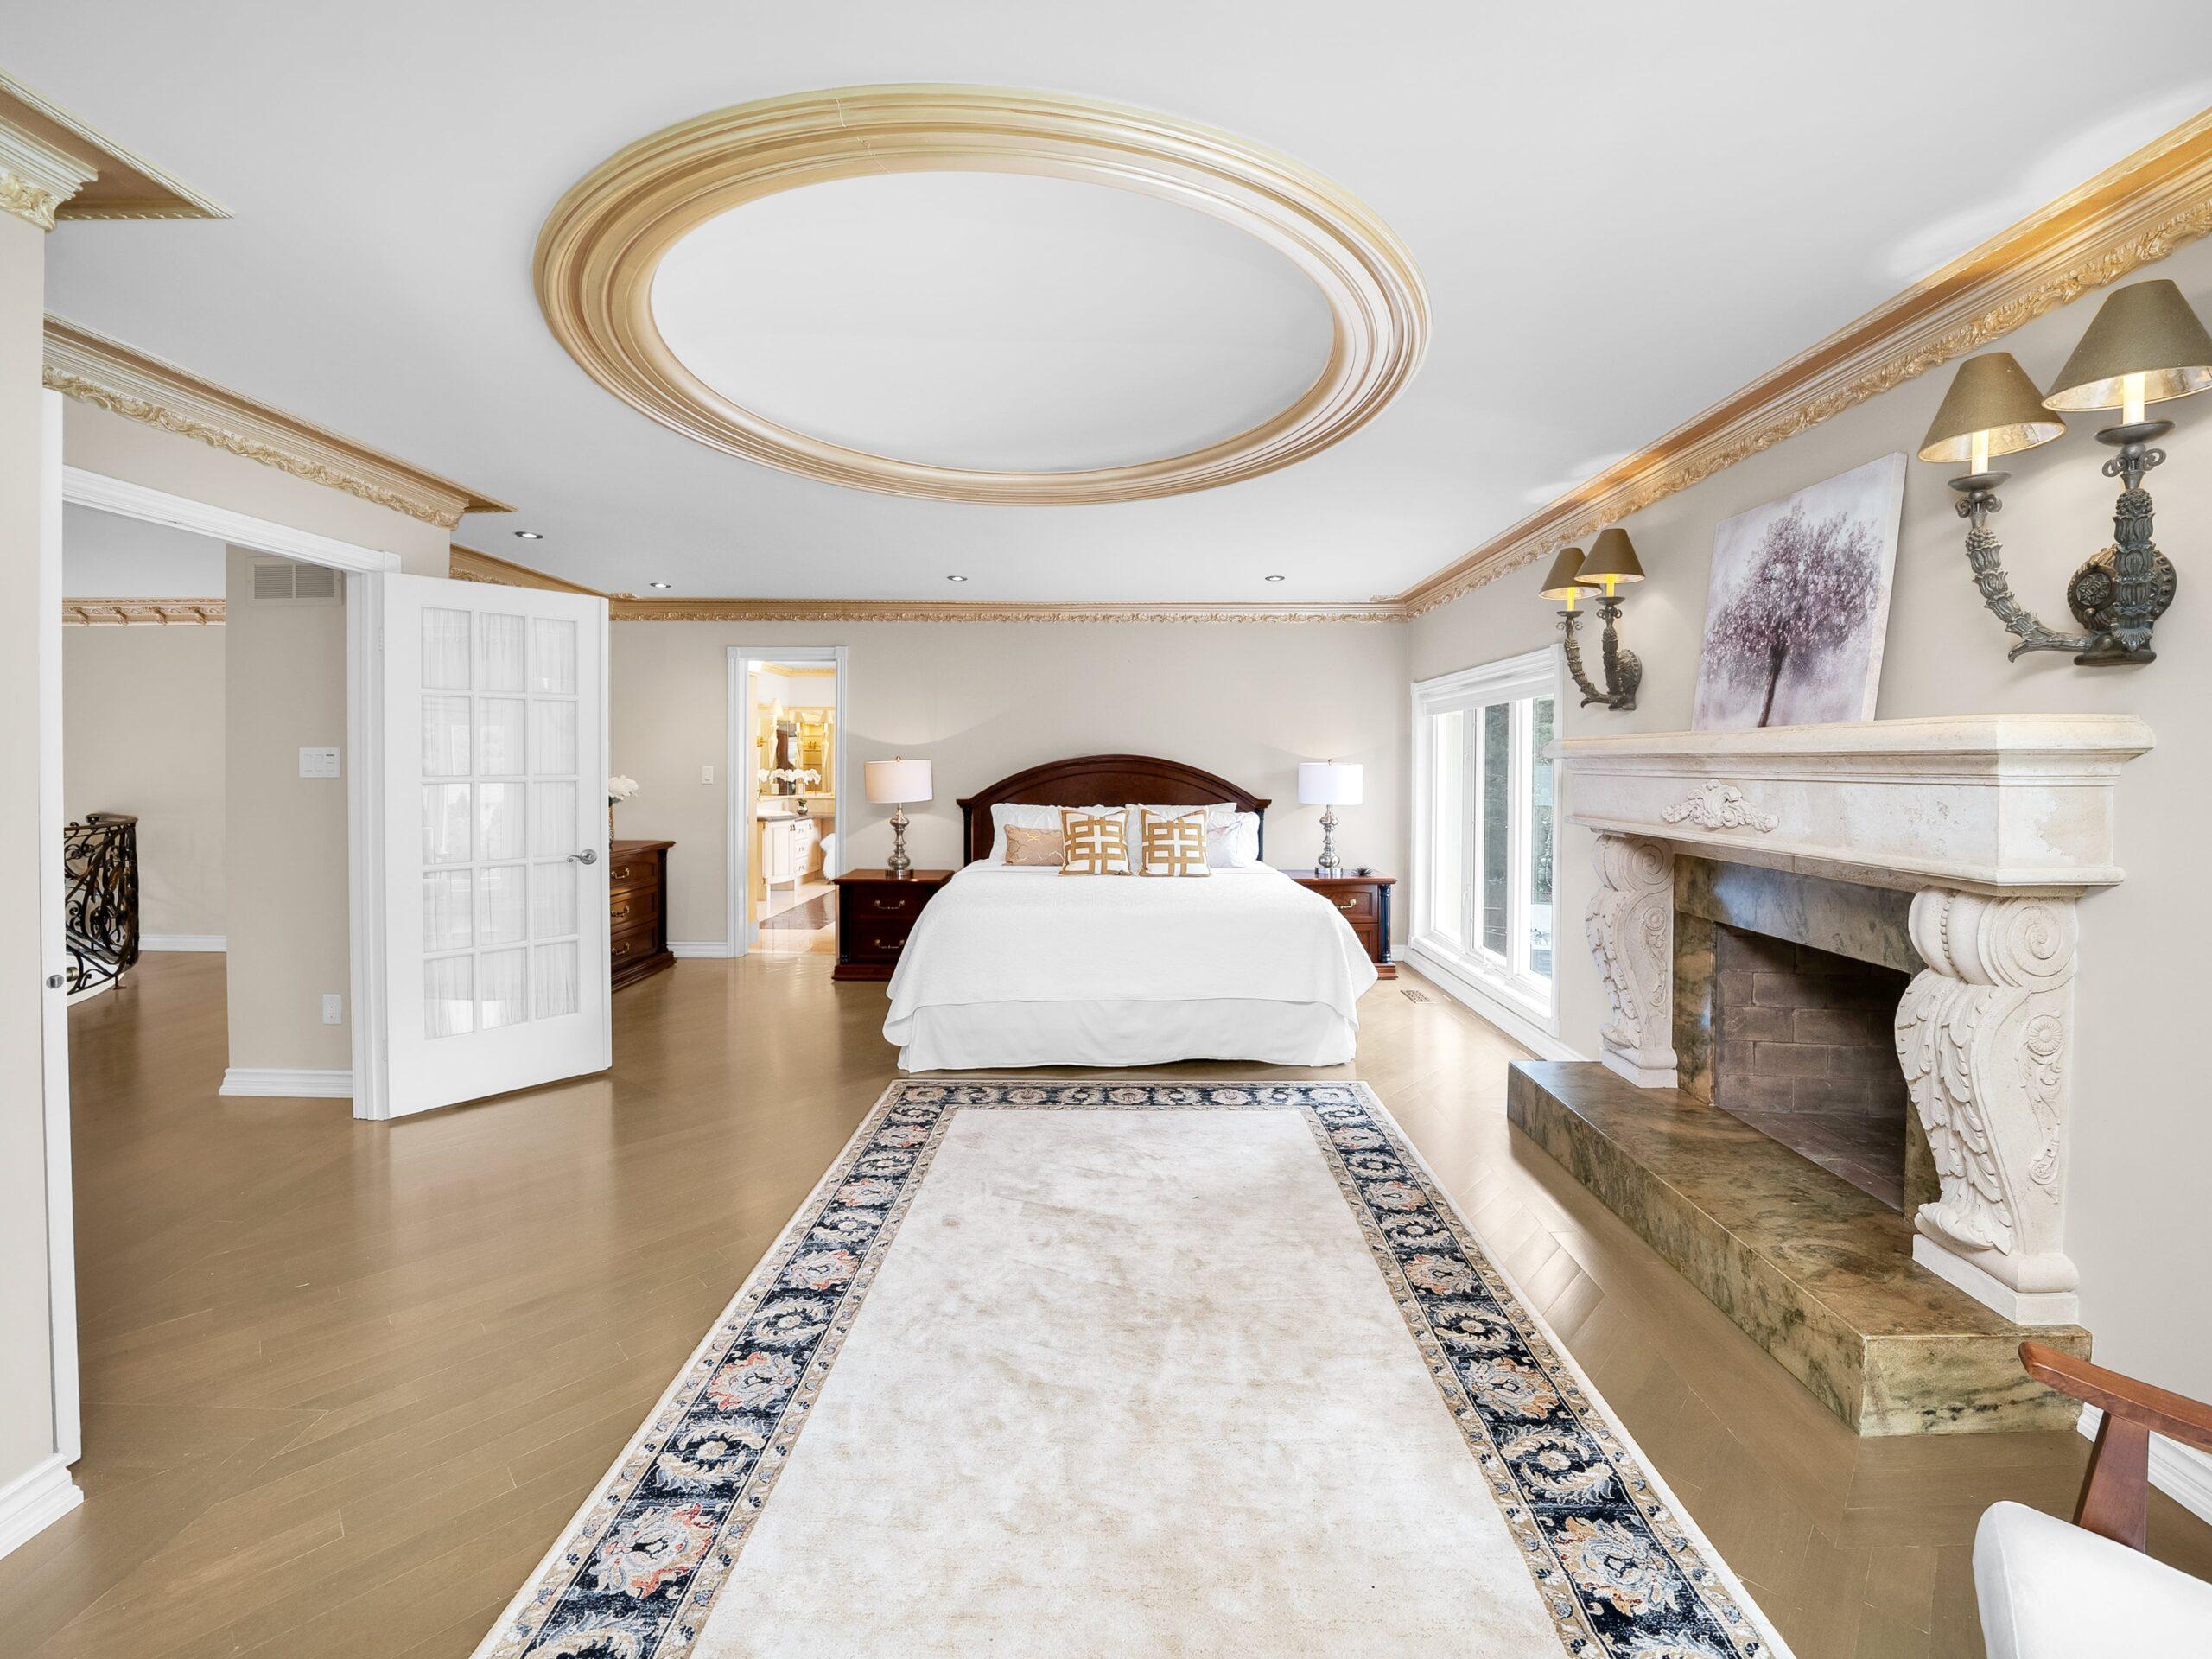 038-Primary Bedroom-4200x3151-min